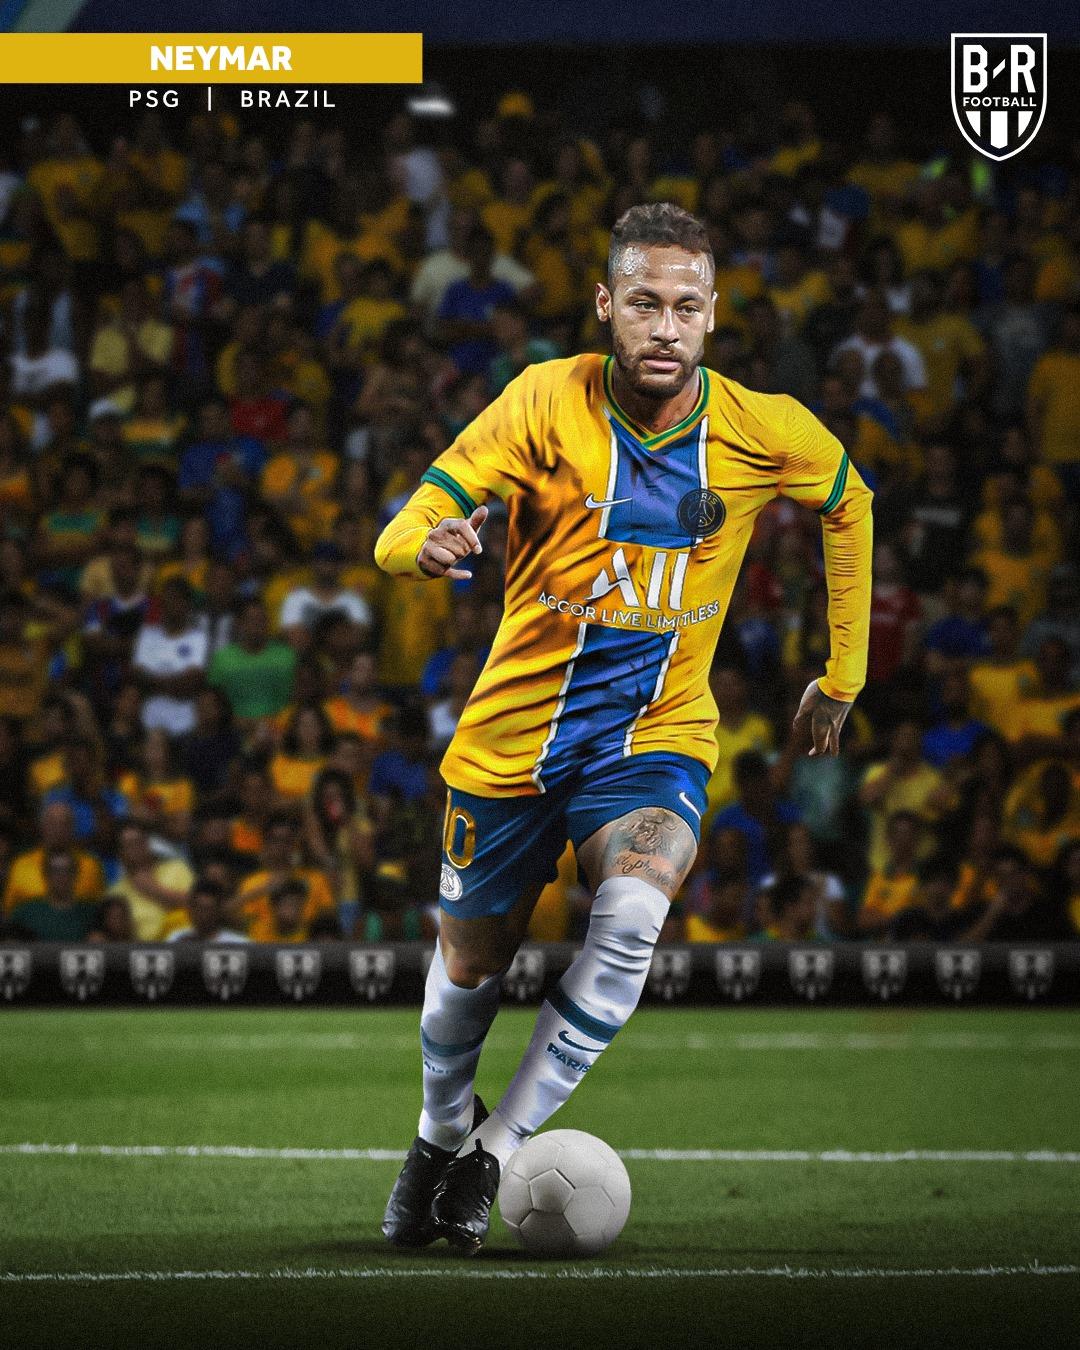 neymar-psg-bresil